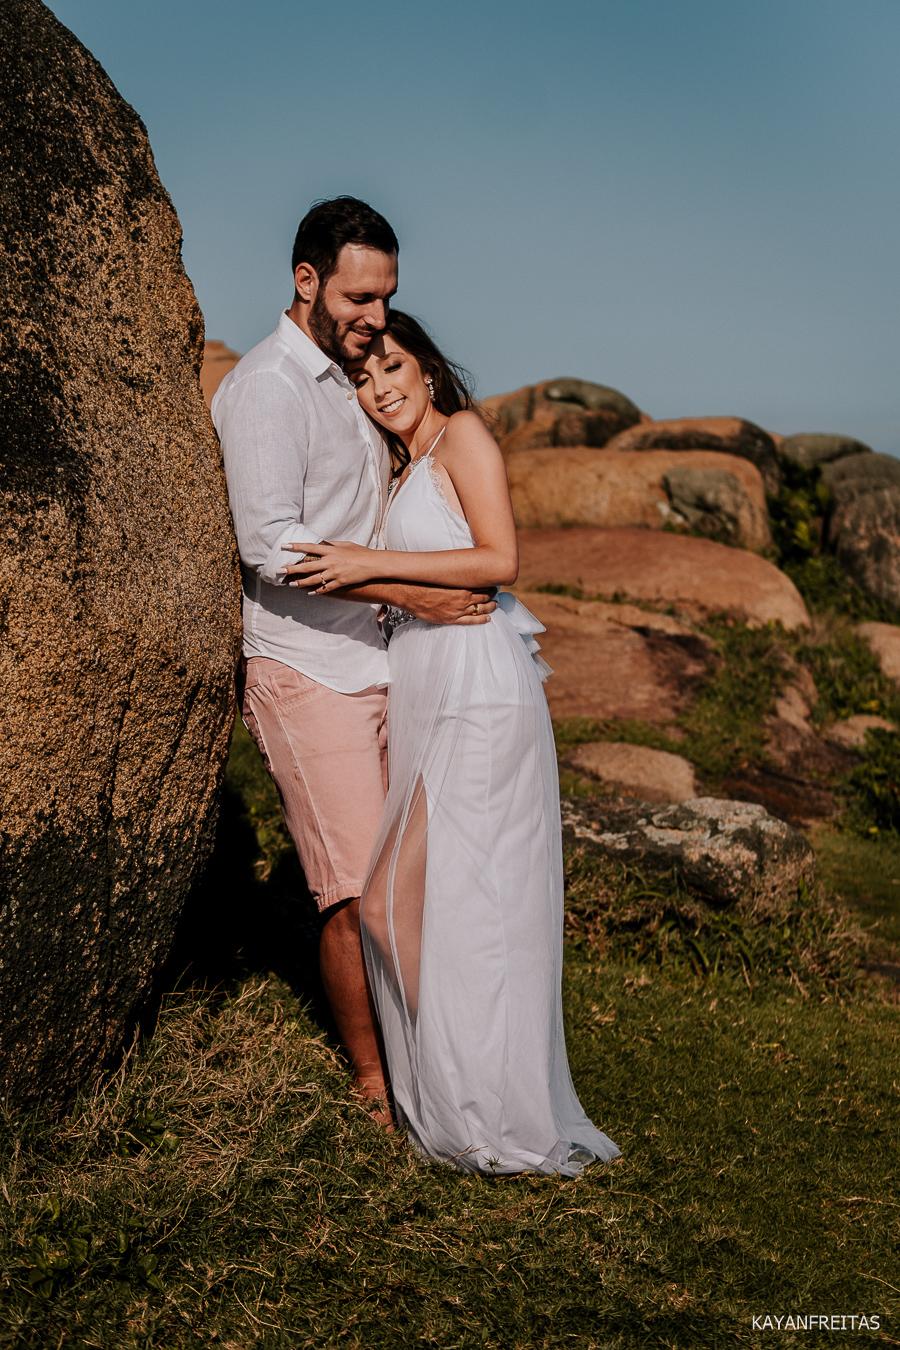 precasamento-gringos-guardadoembau-0007 Sessão Pré Casamento Rafael e Maria Eduarda - Guarda do Embaú